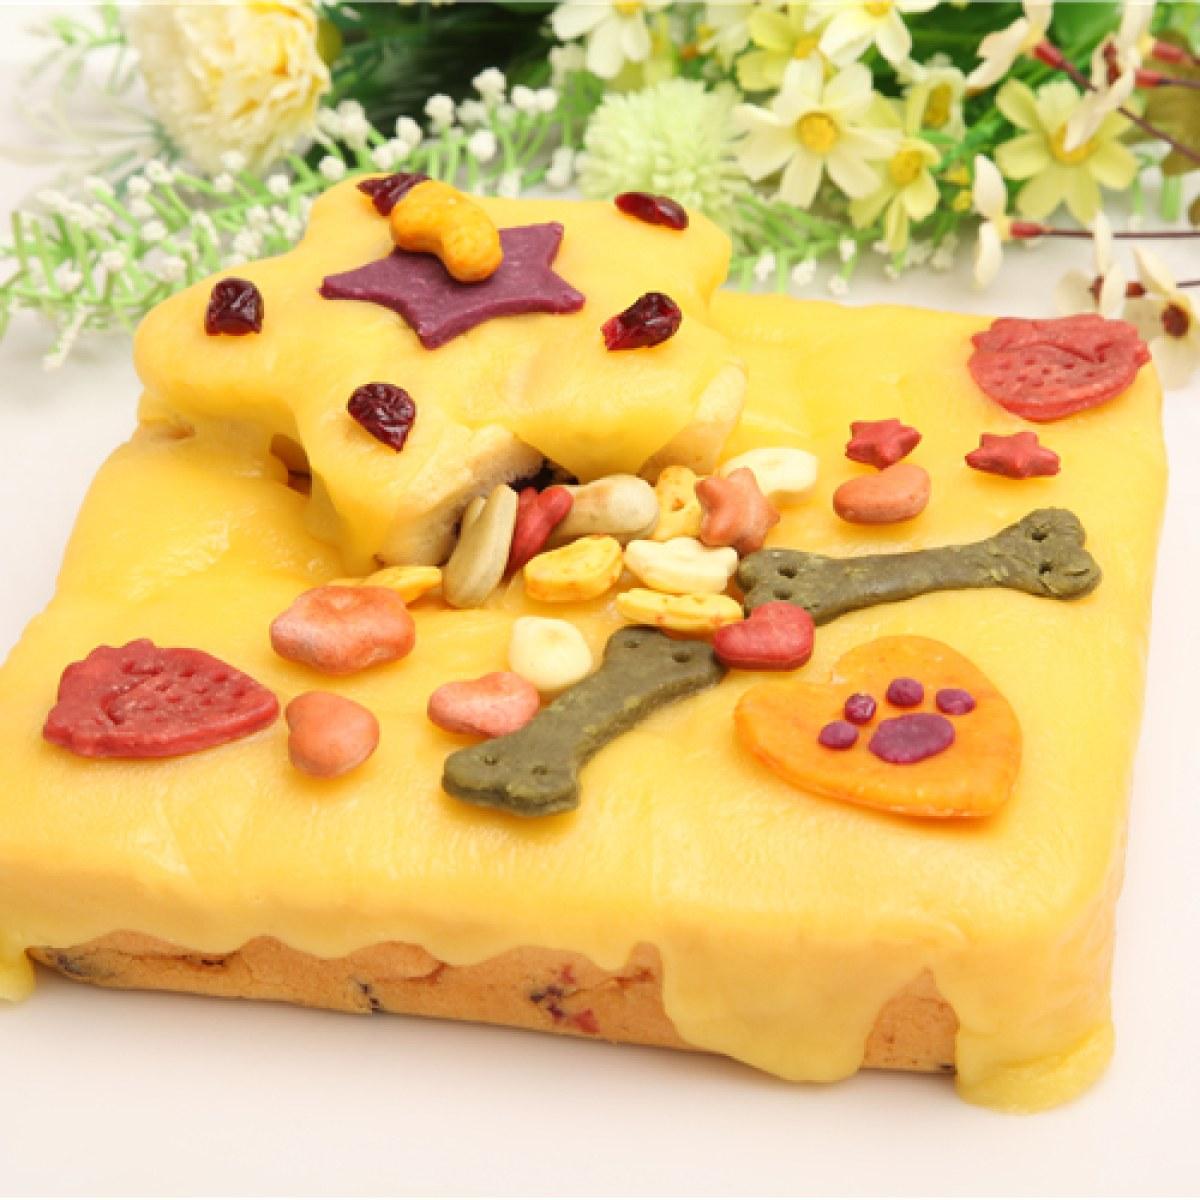 海盗狗 手工自制 8寸 狗狗生日蛋糕 宠物蛋糕